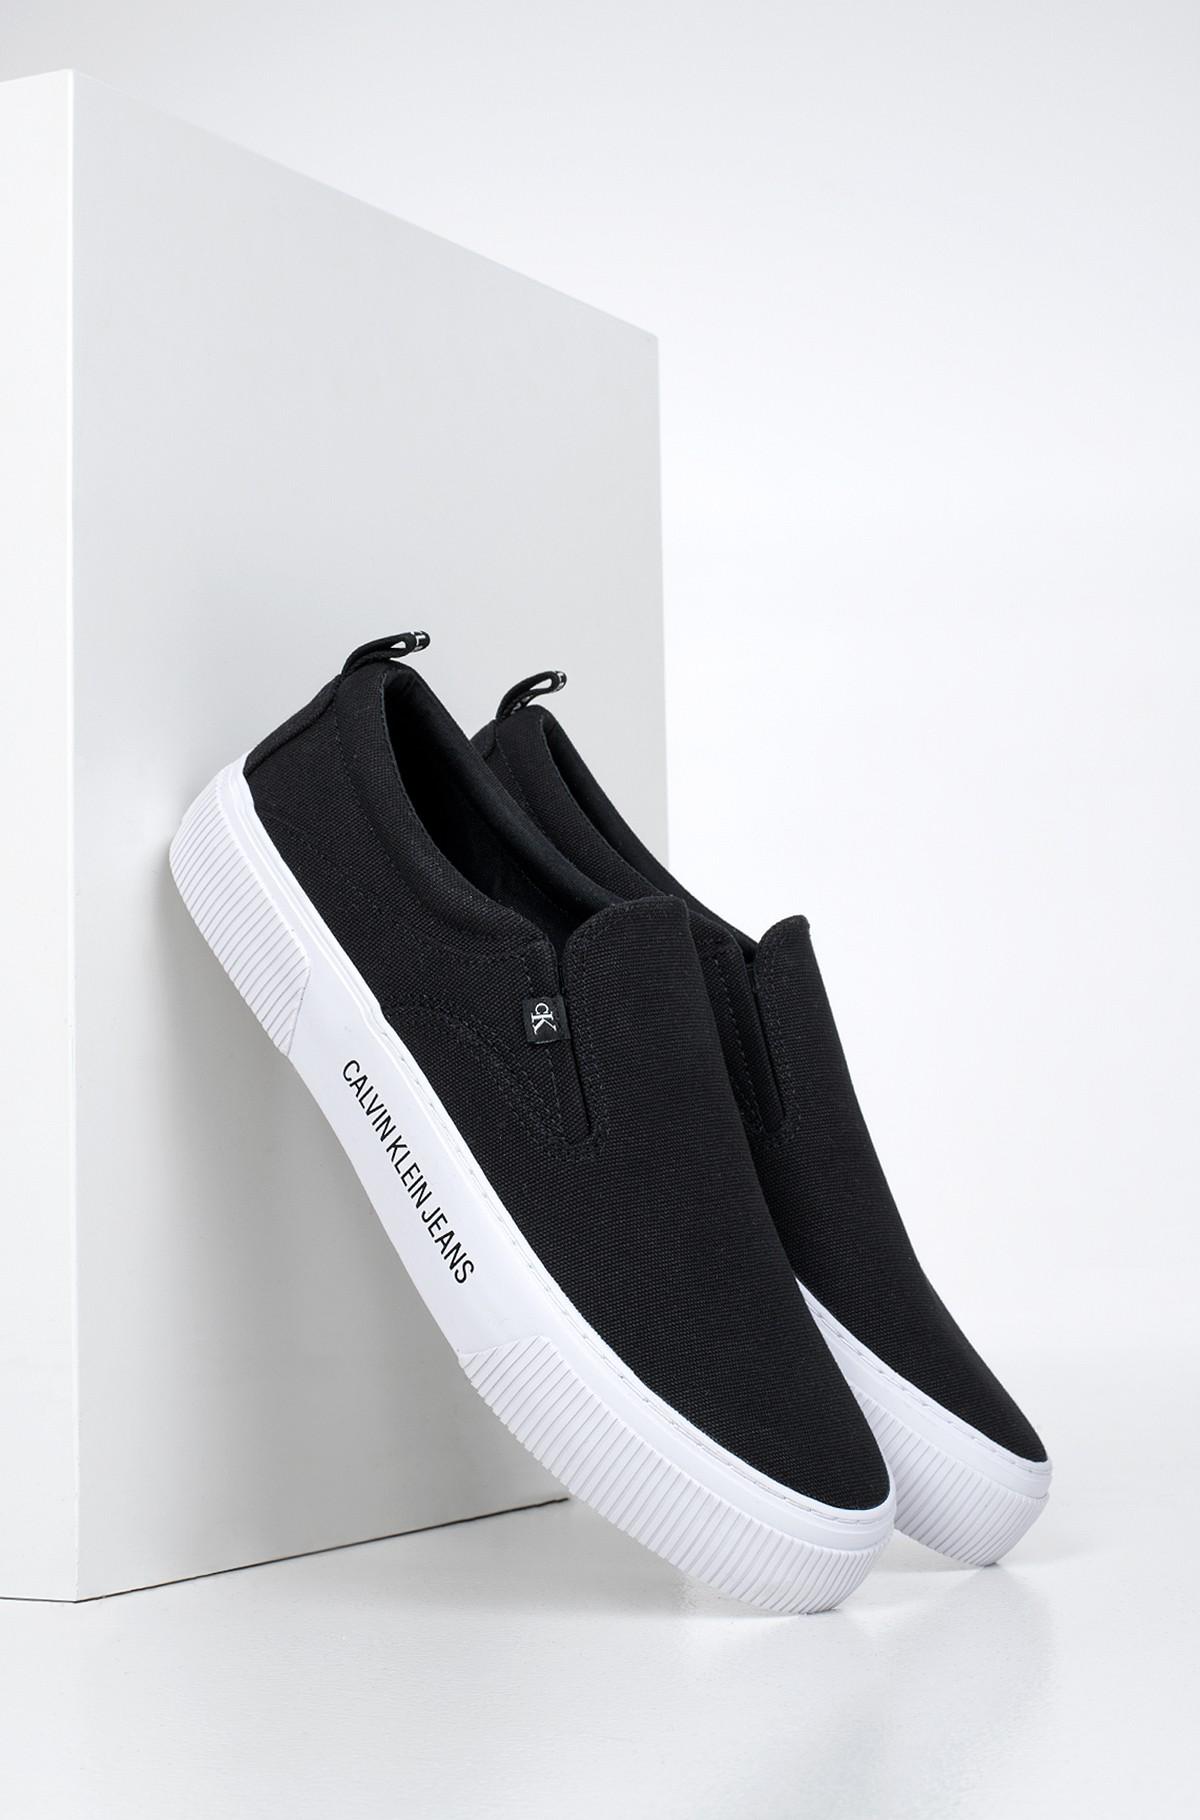 Casual shoes VULCANIZED SKATE SLIPON CO-full-1